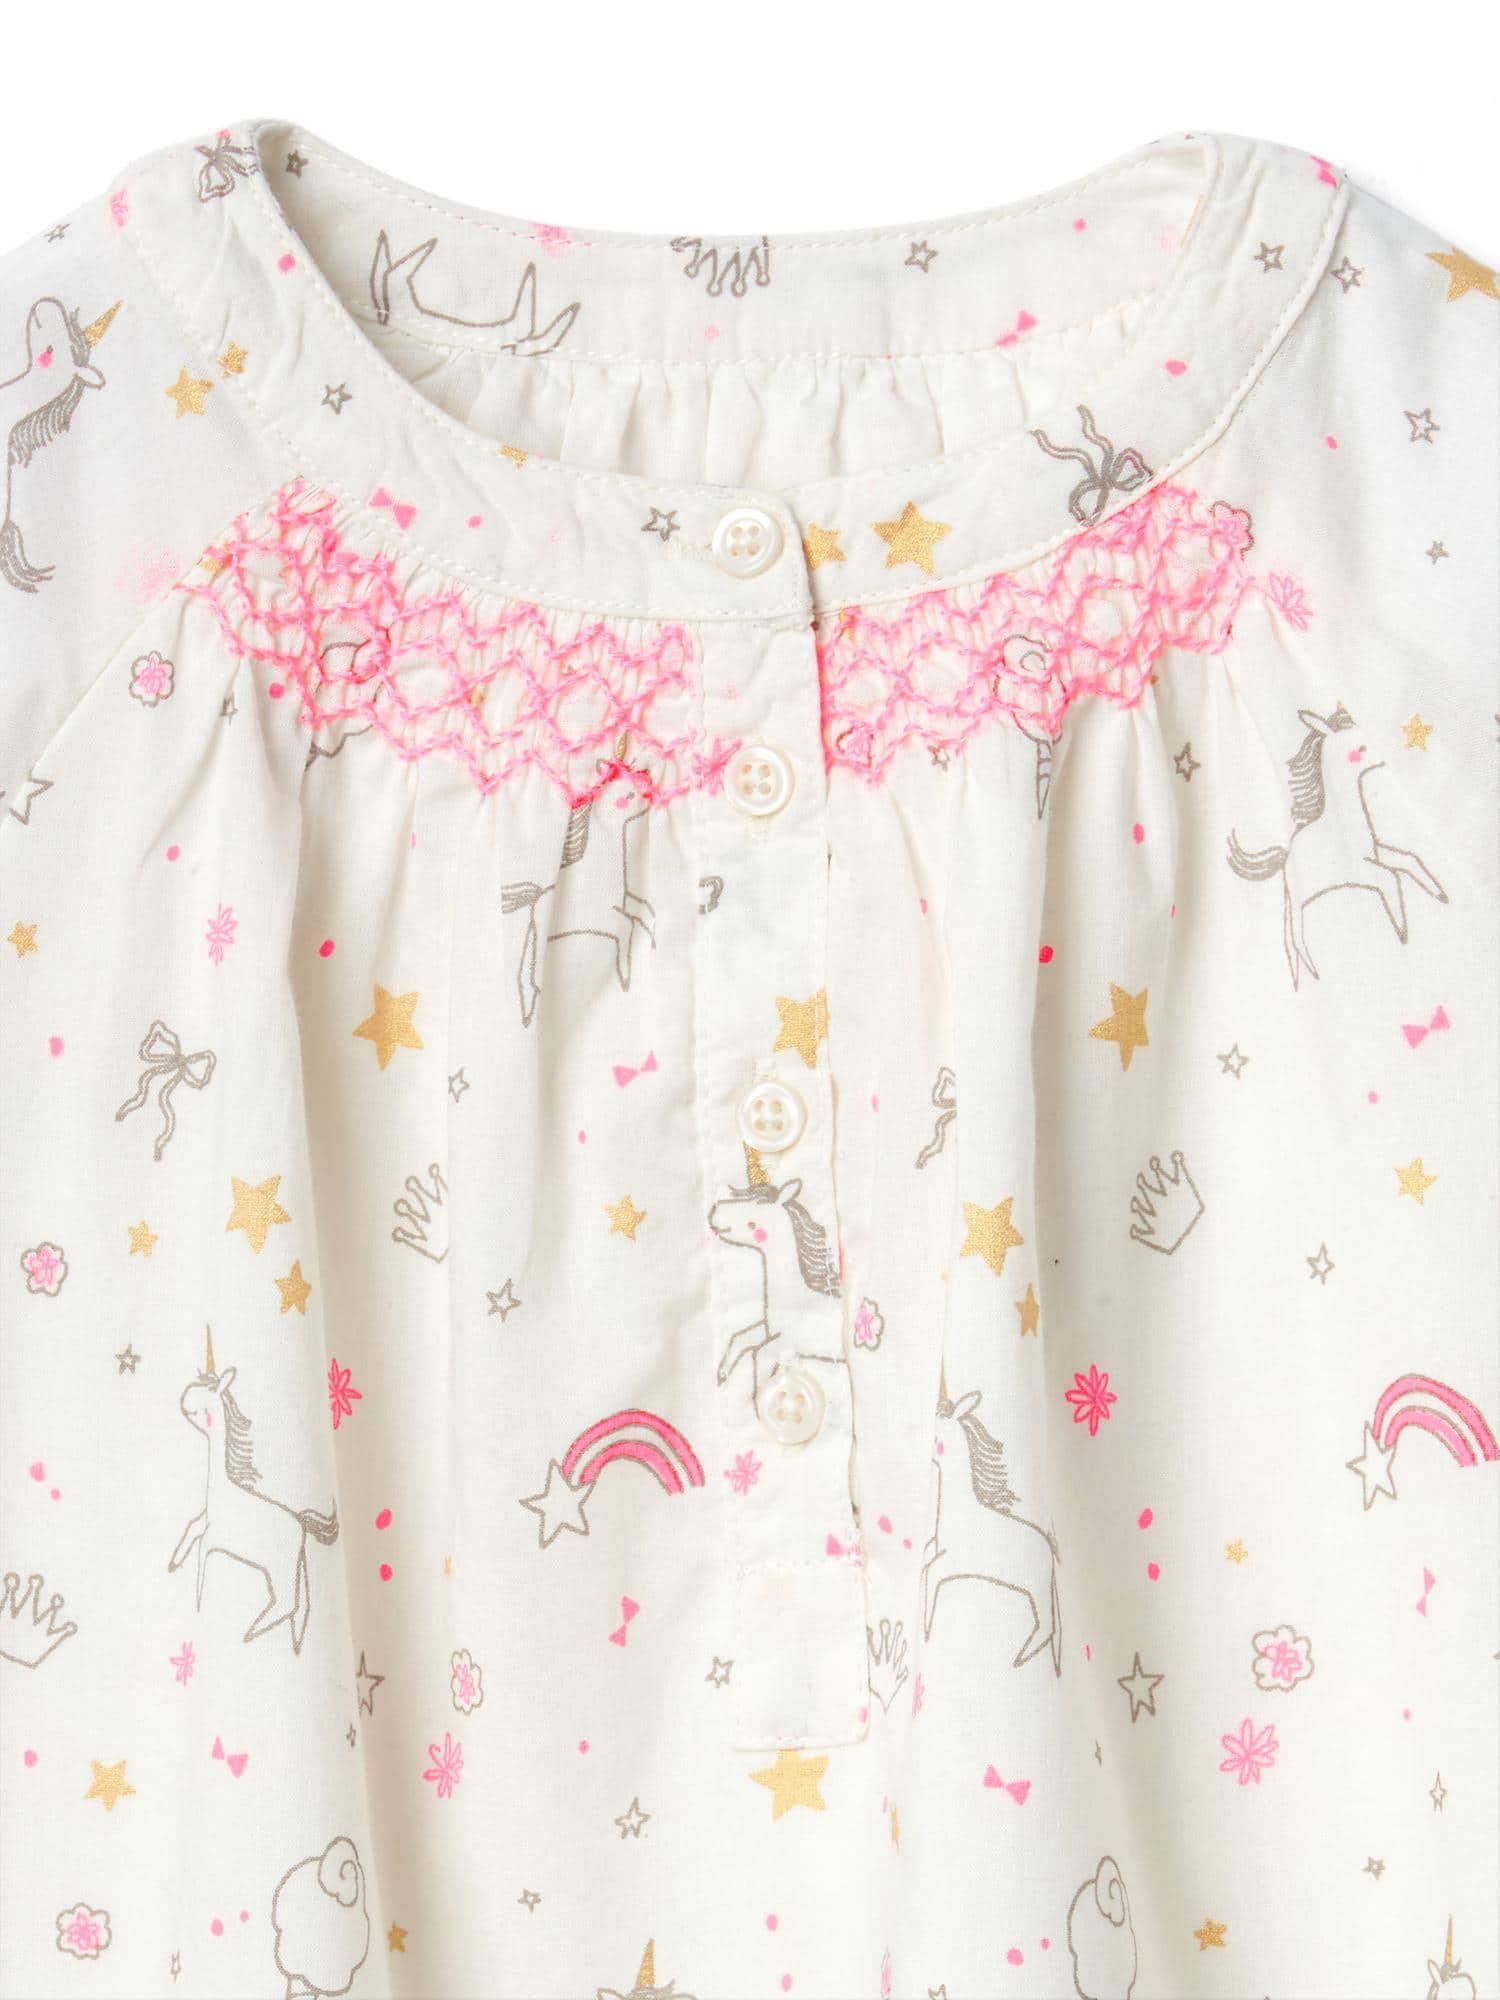 Unicorn Print Gap Baby Portfolio Pinterest